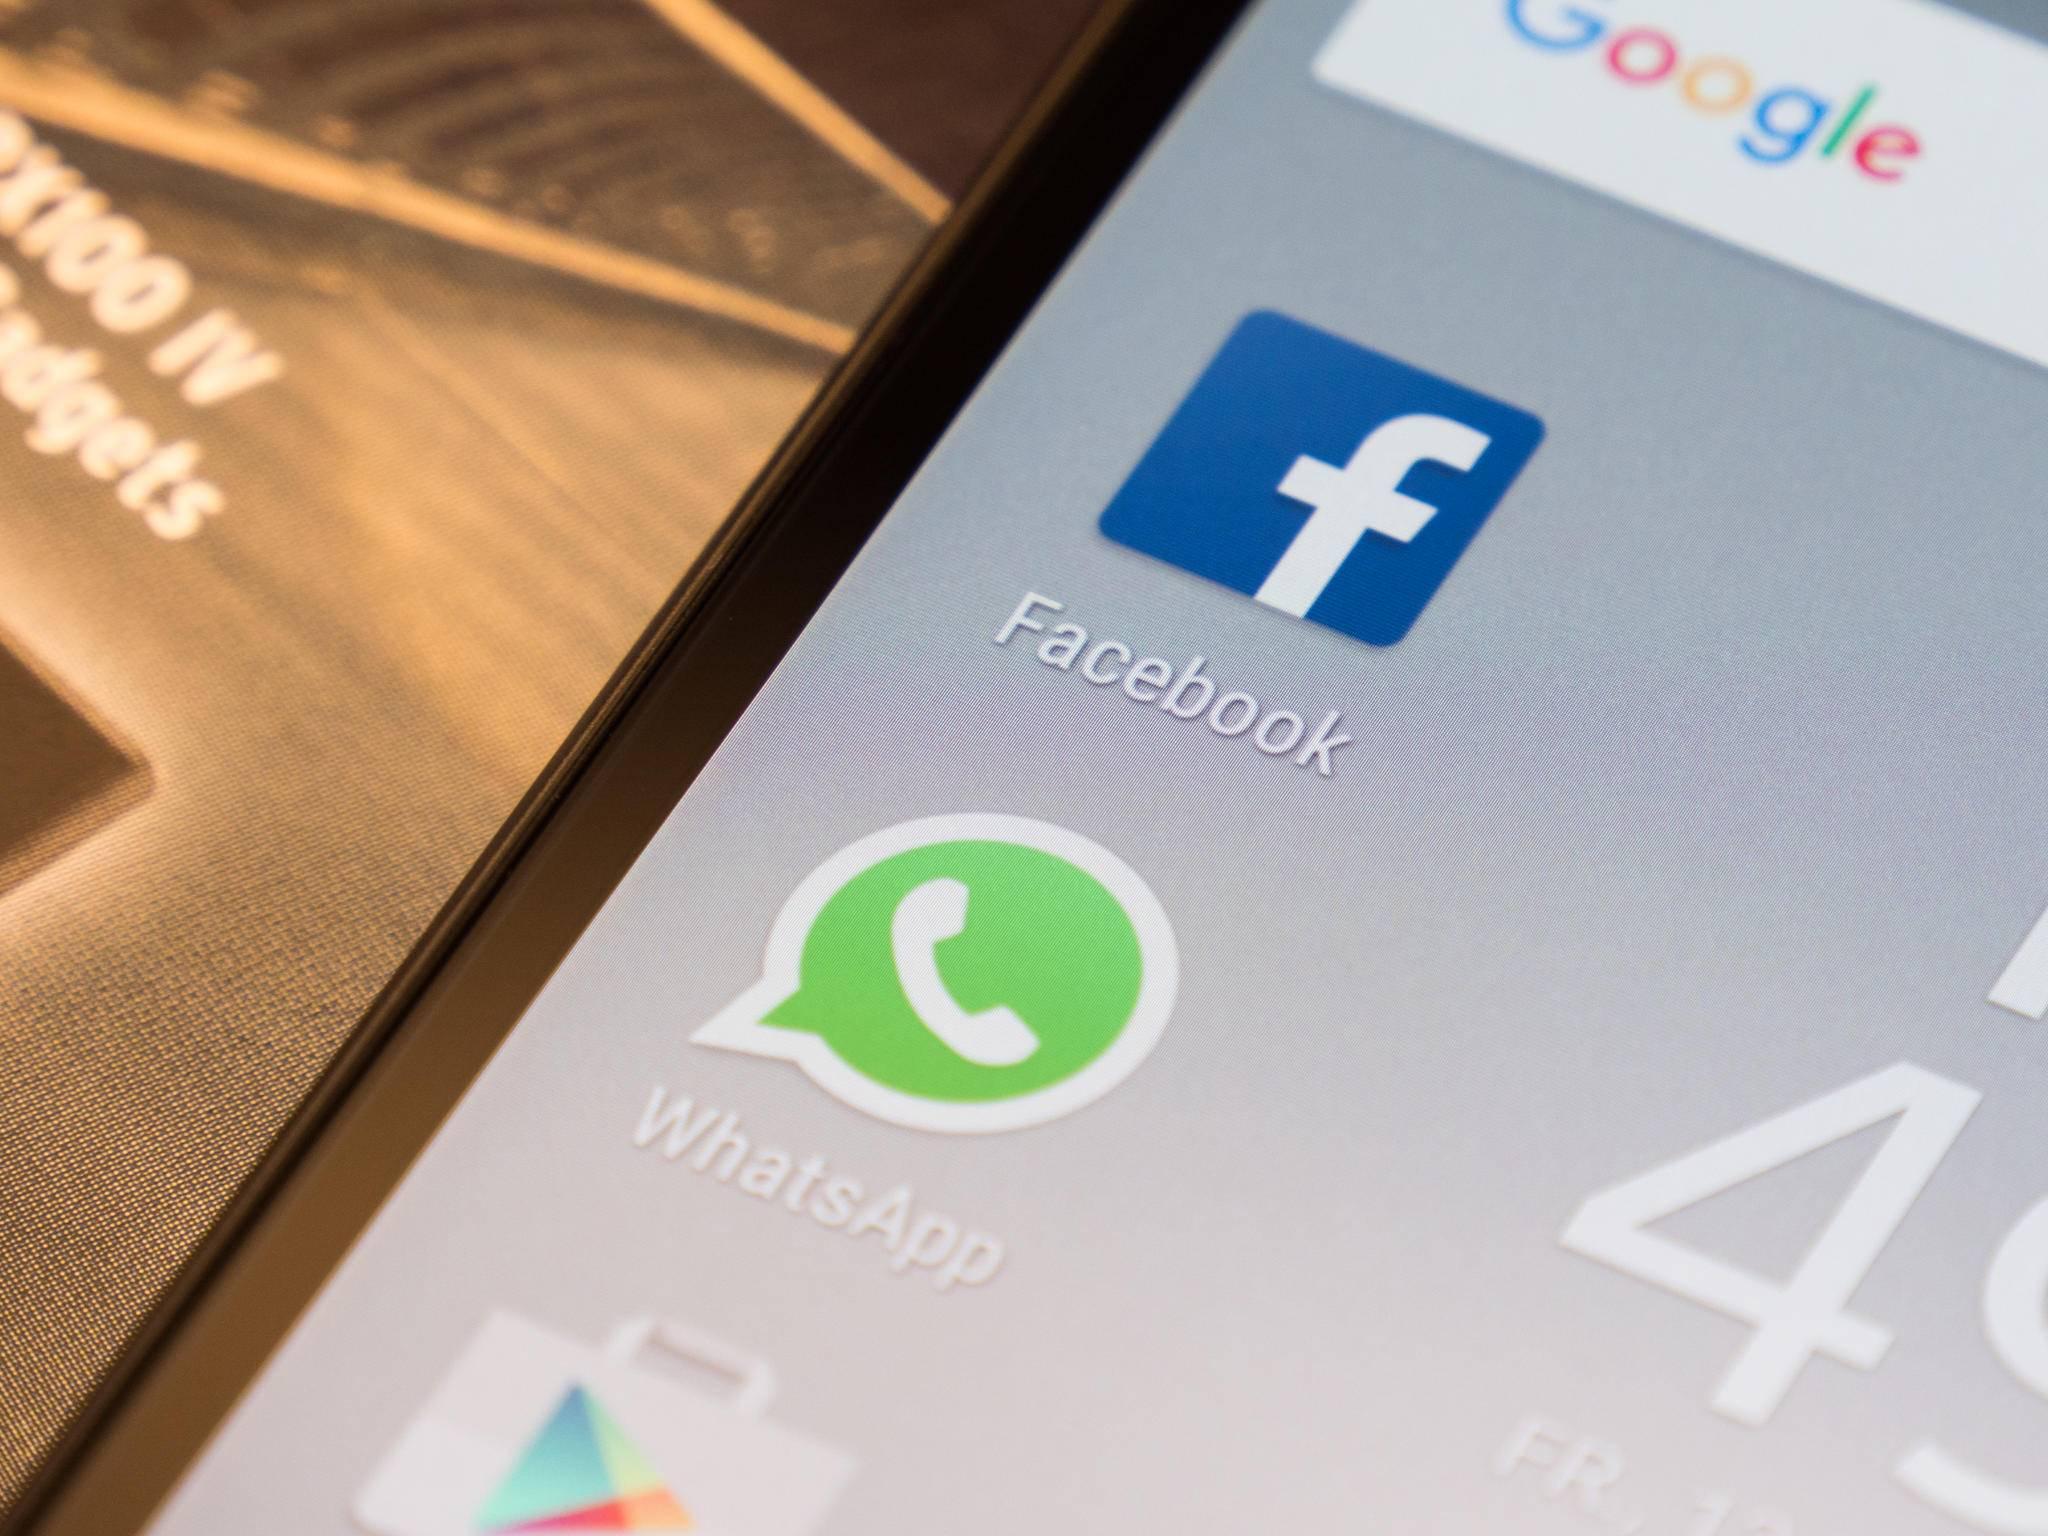 Ein WhatsApp-Update bringt die Link-Vorschau auf Android-Smartphones.